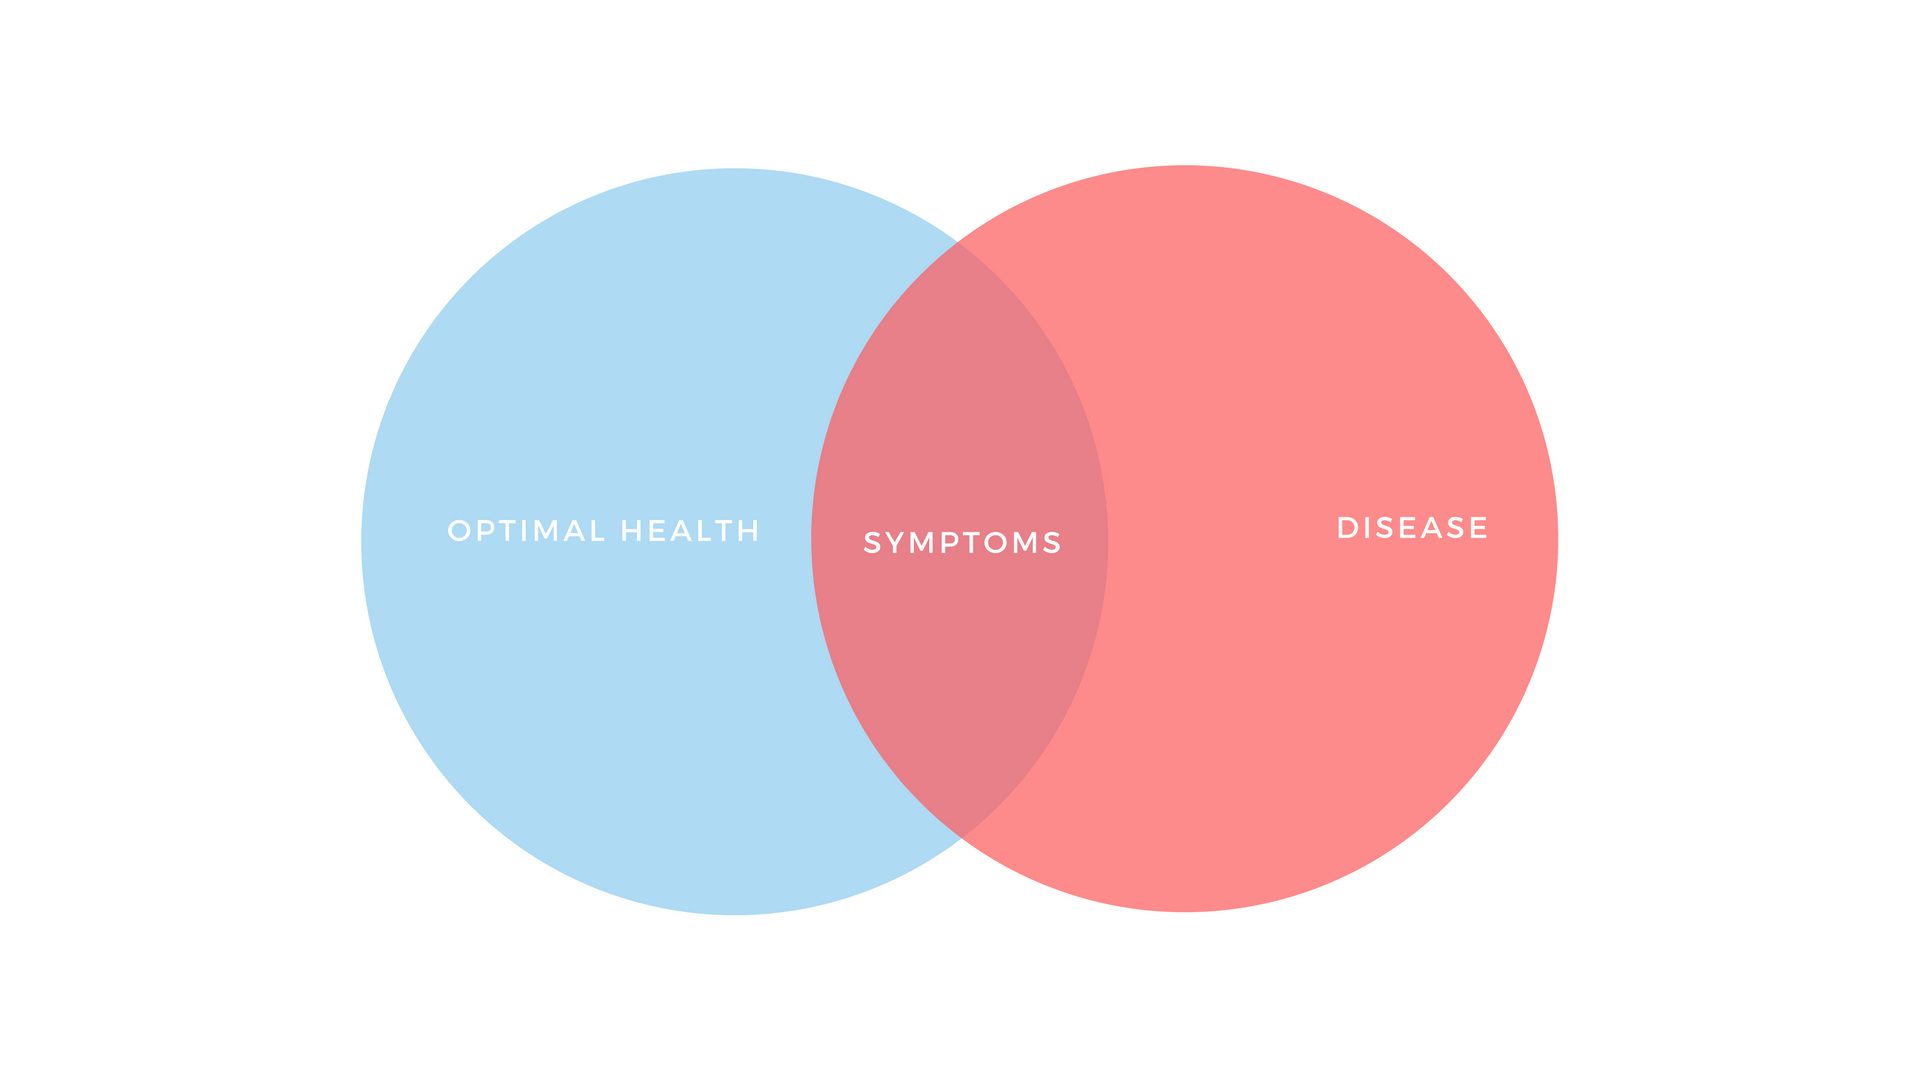 Disease.png